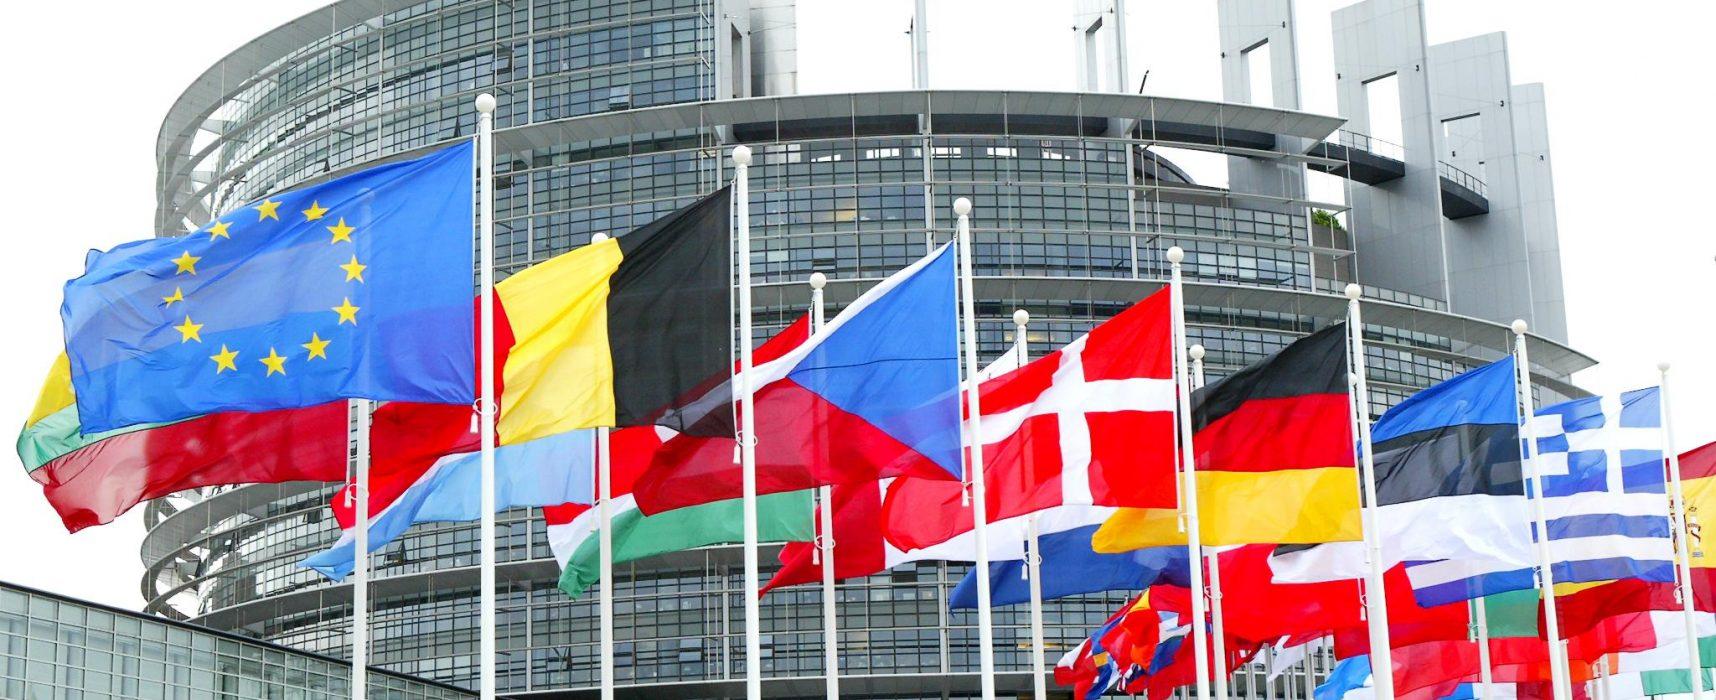 РИА «Новости» сообщило, что в Европарламент внесли поправку об отмене санкций. Вот только ЕП такие вопросы не решает